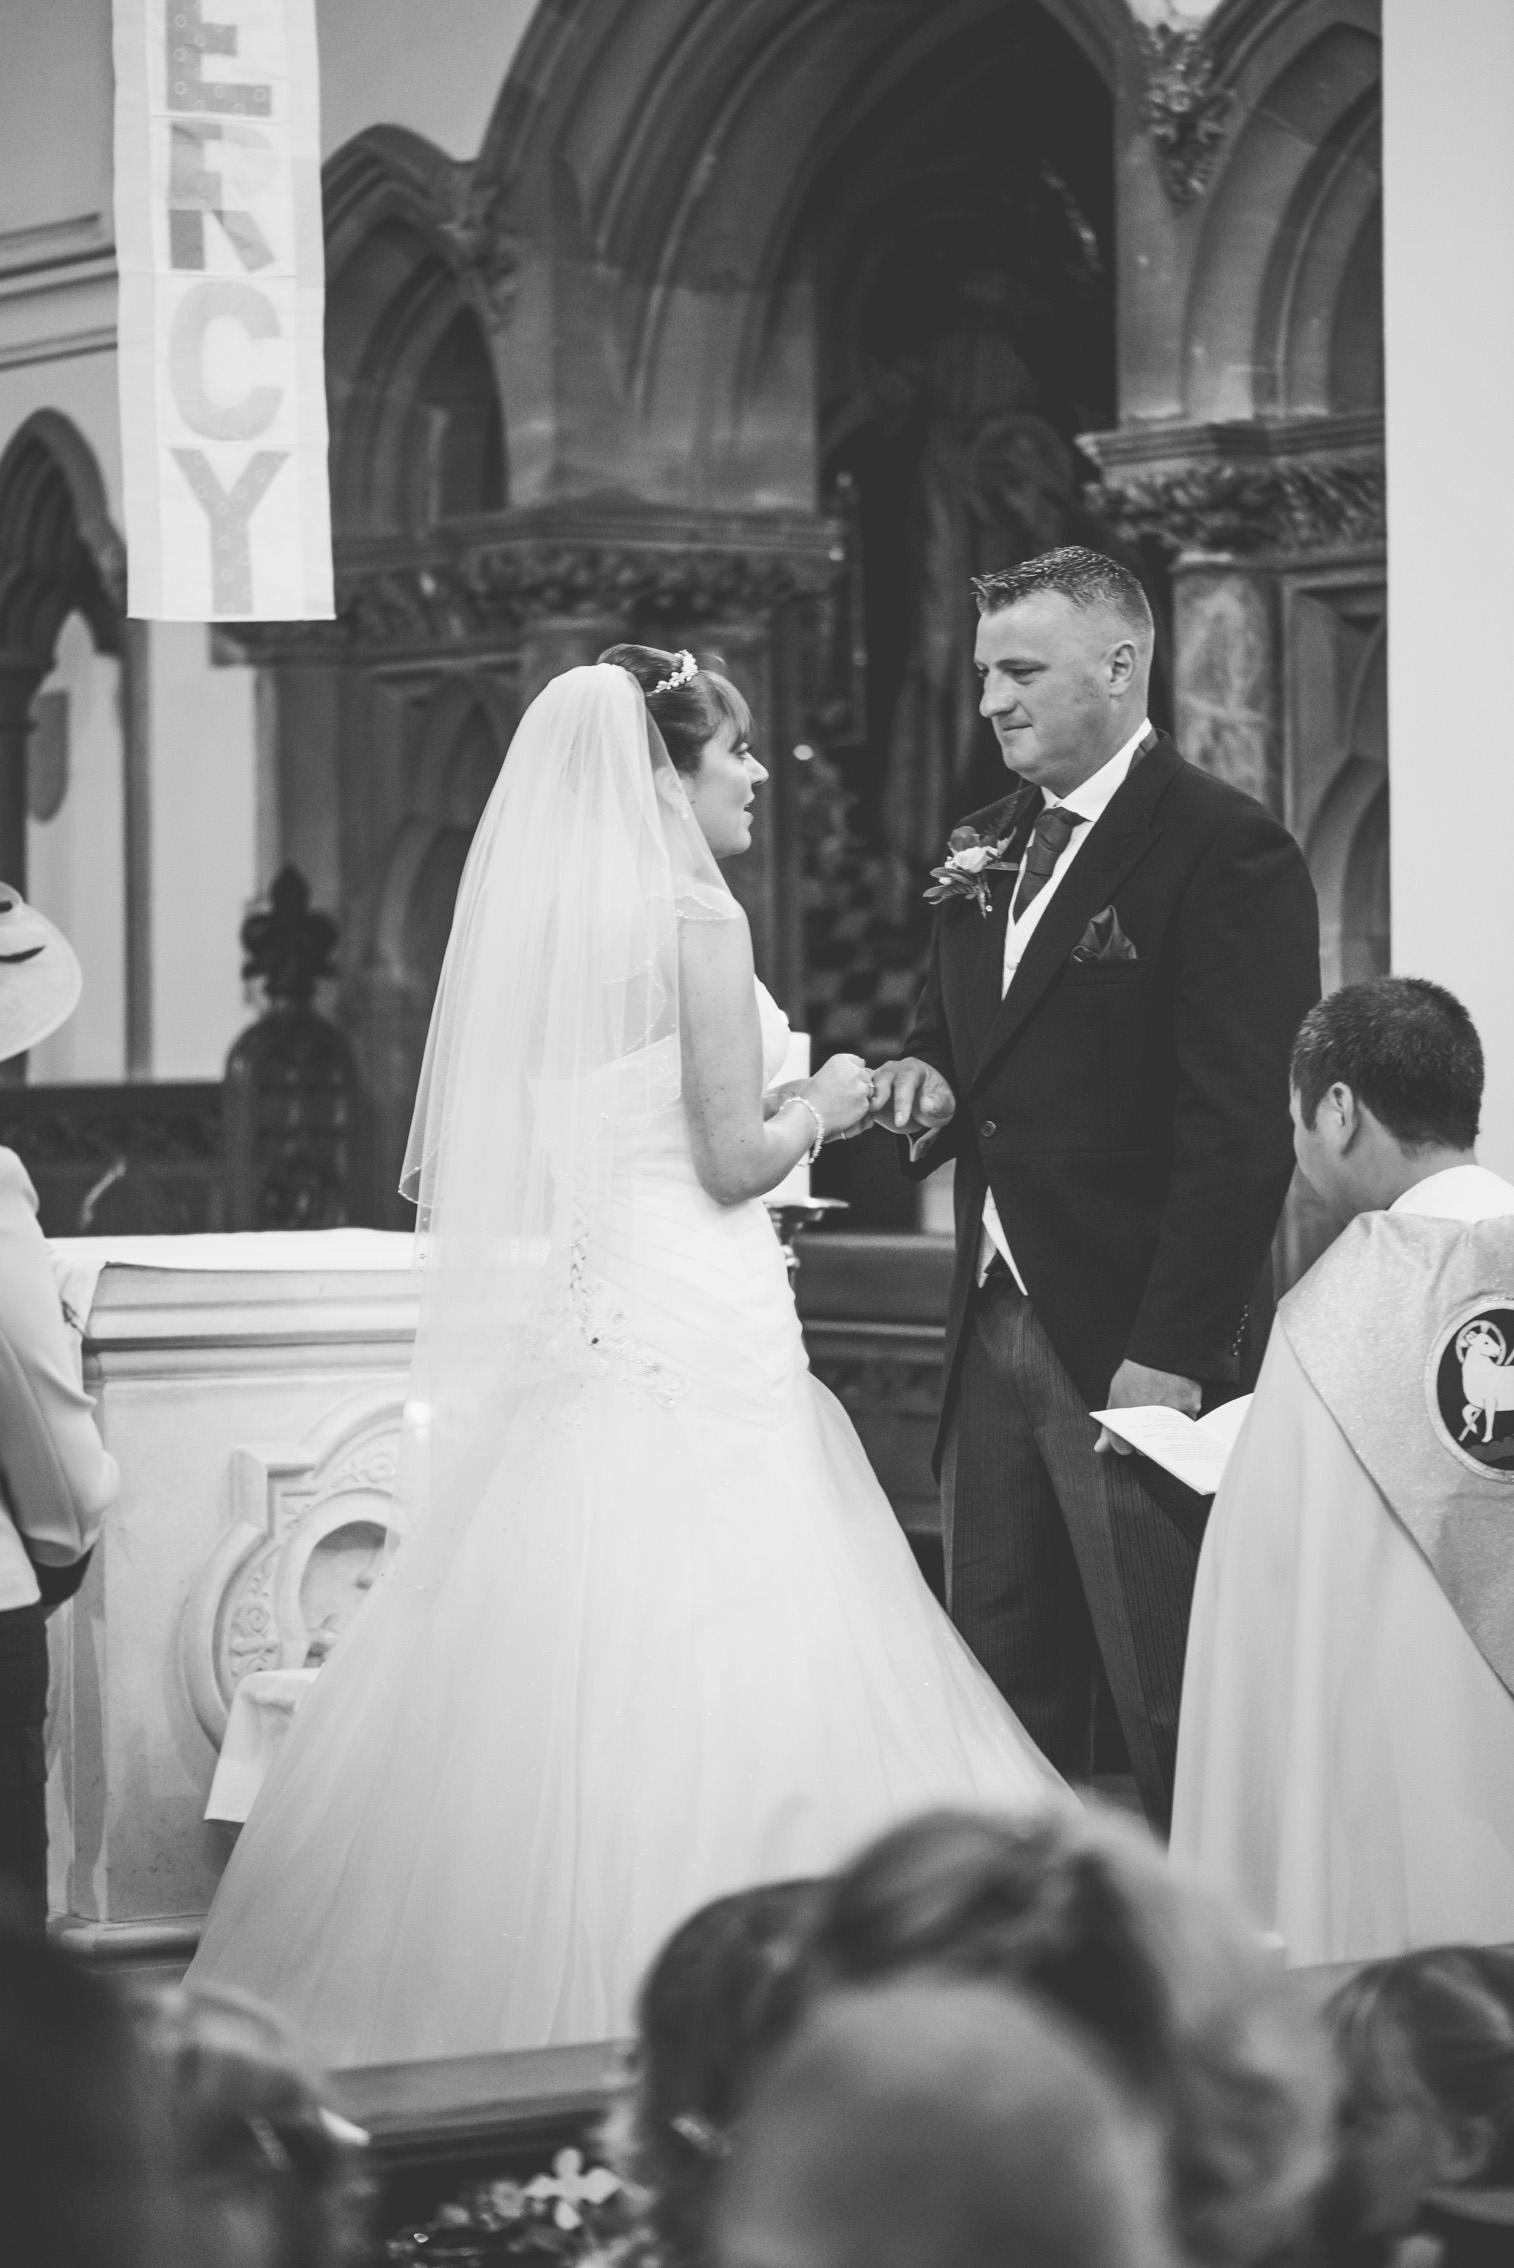 Farm-wedding-staffordshire-st-marys-catholic-church-uttoxter-36.jpg